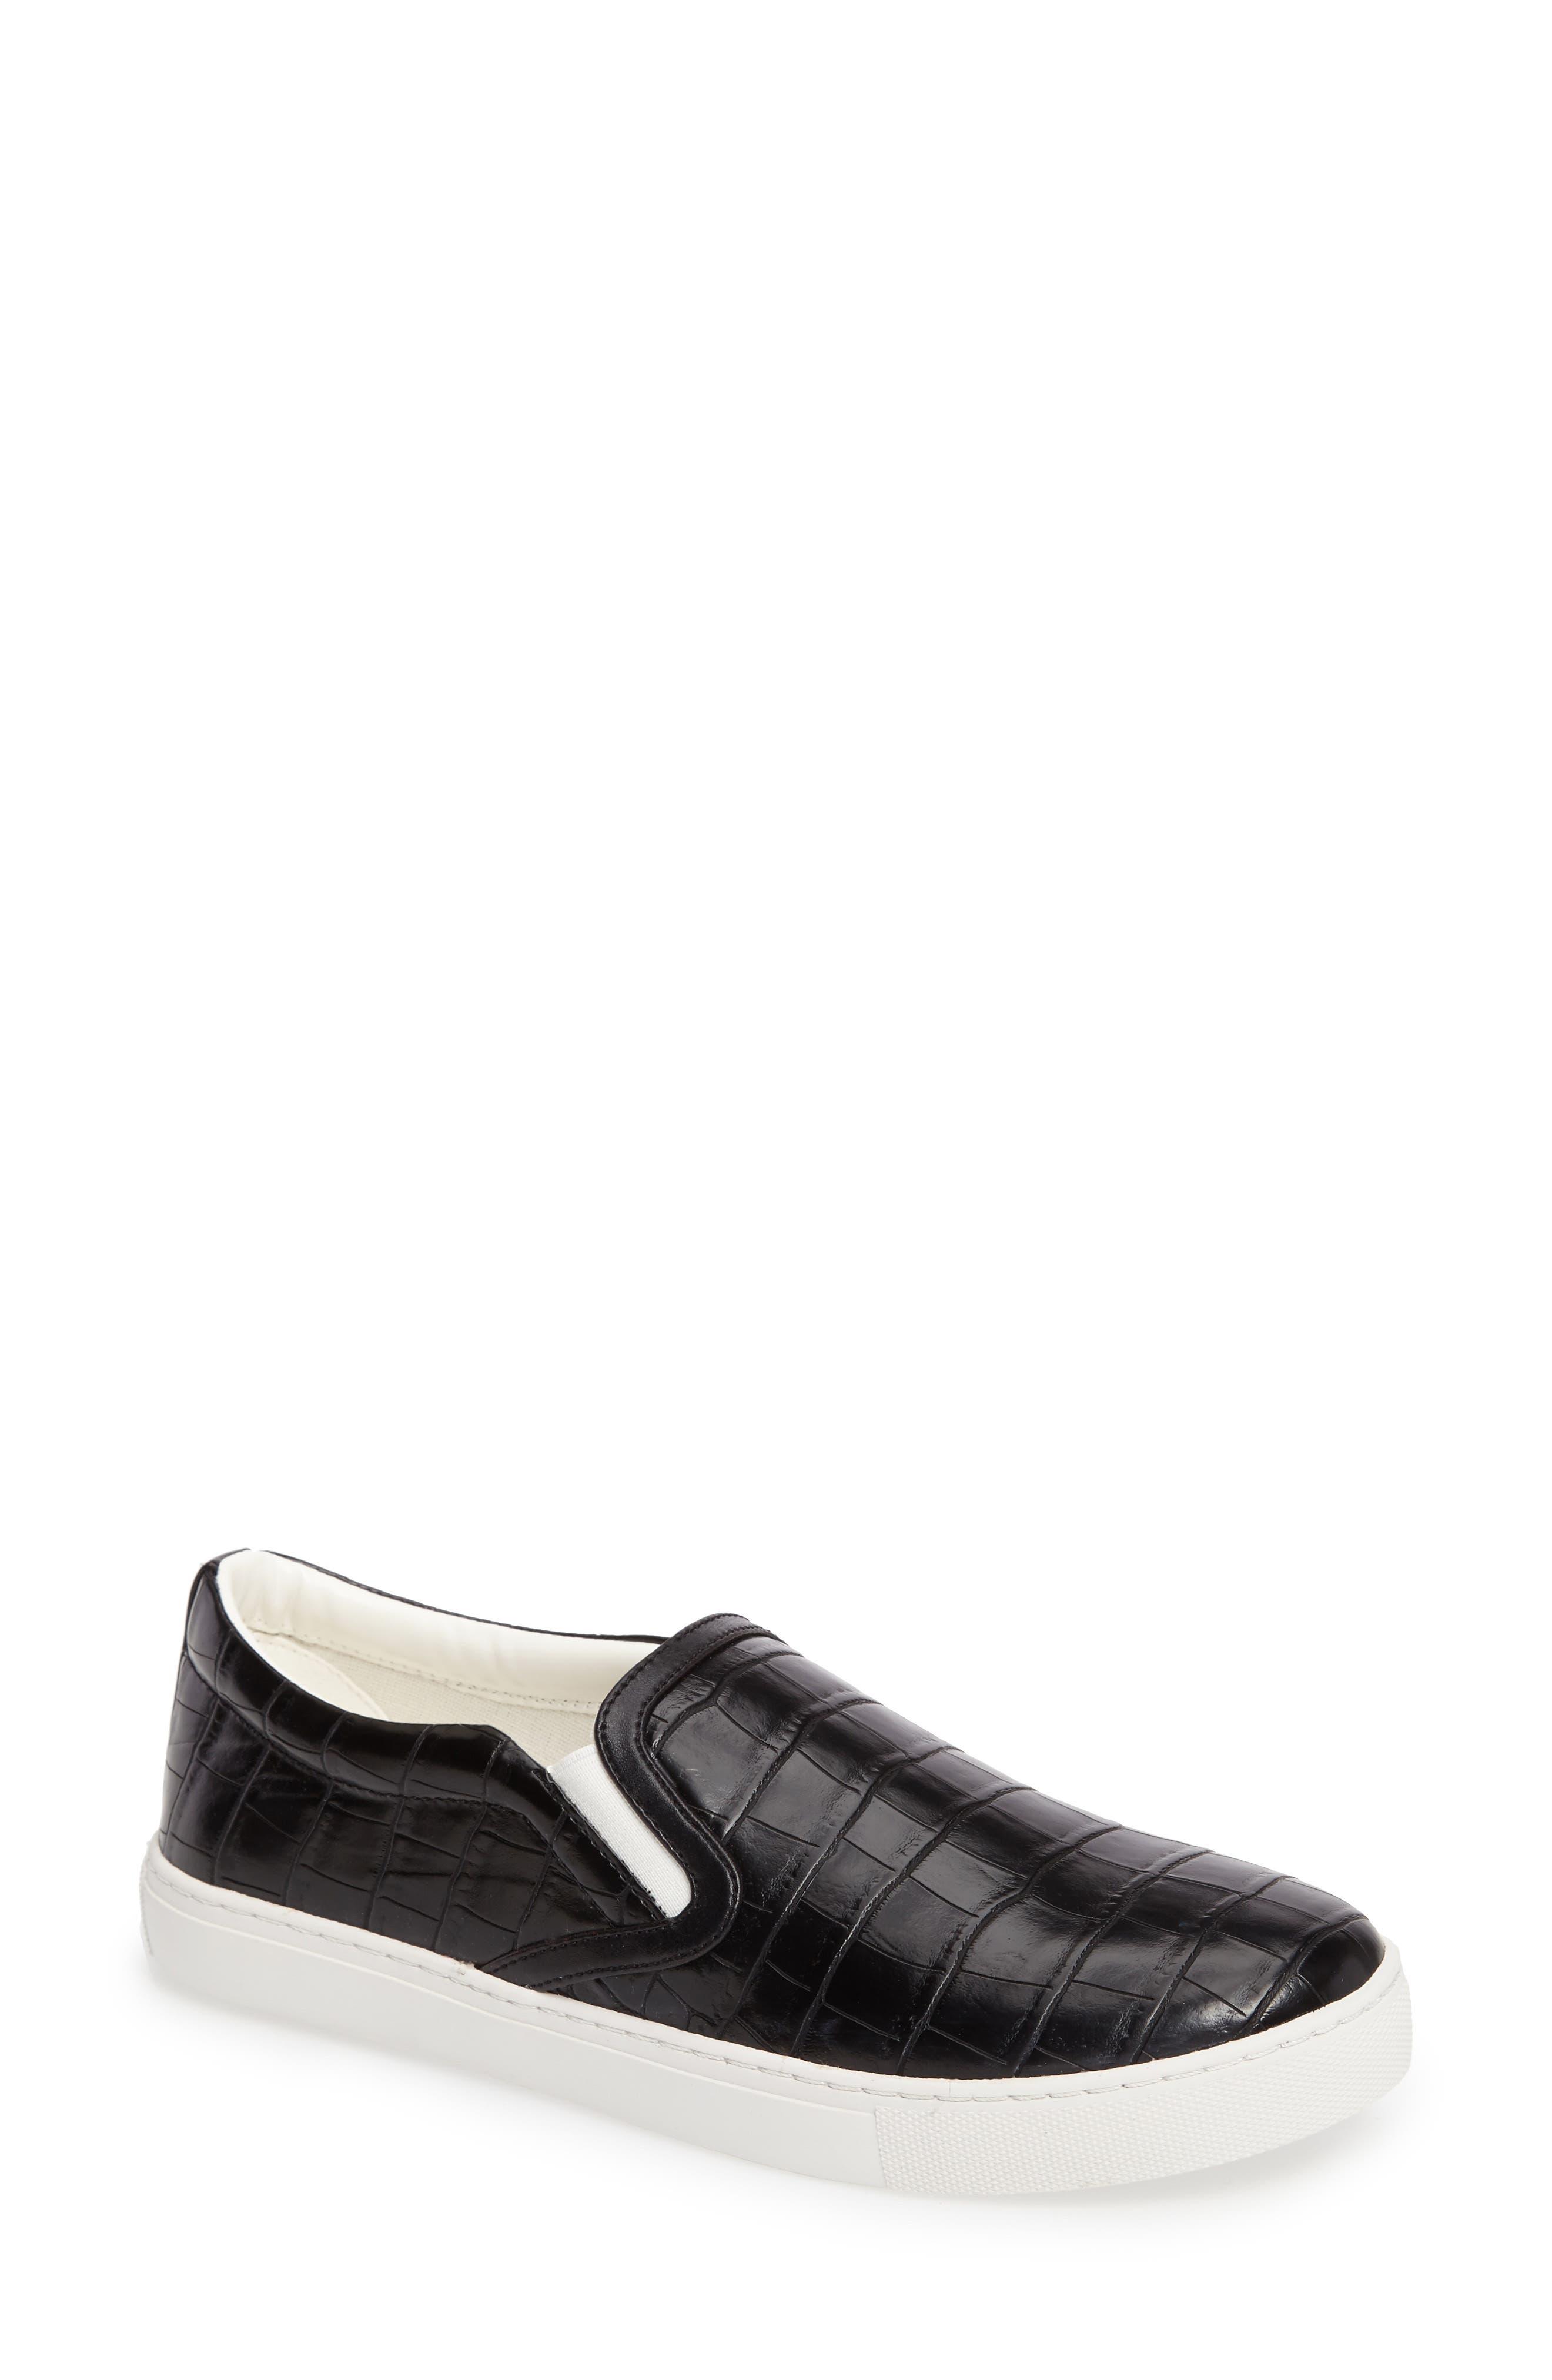 Main Image - Sam Edelman Pixie Slip-On Sneaker (Women)